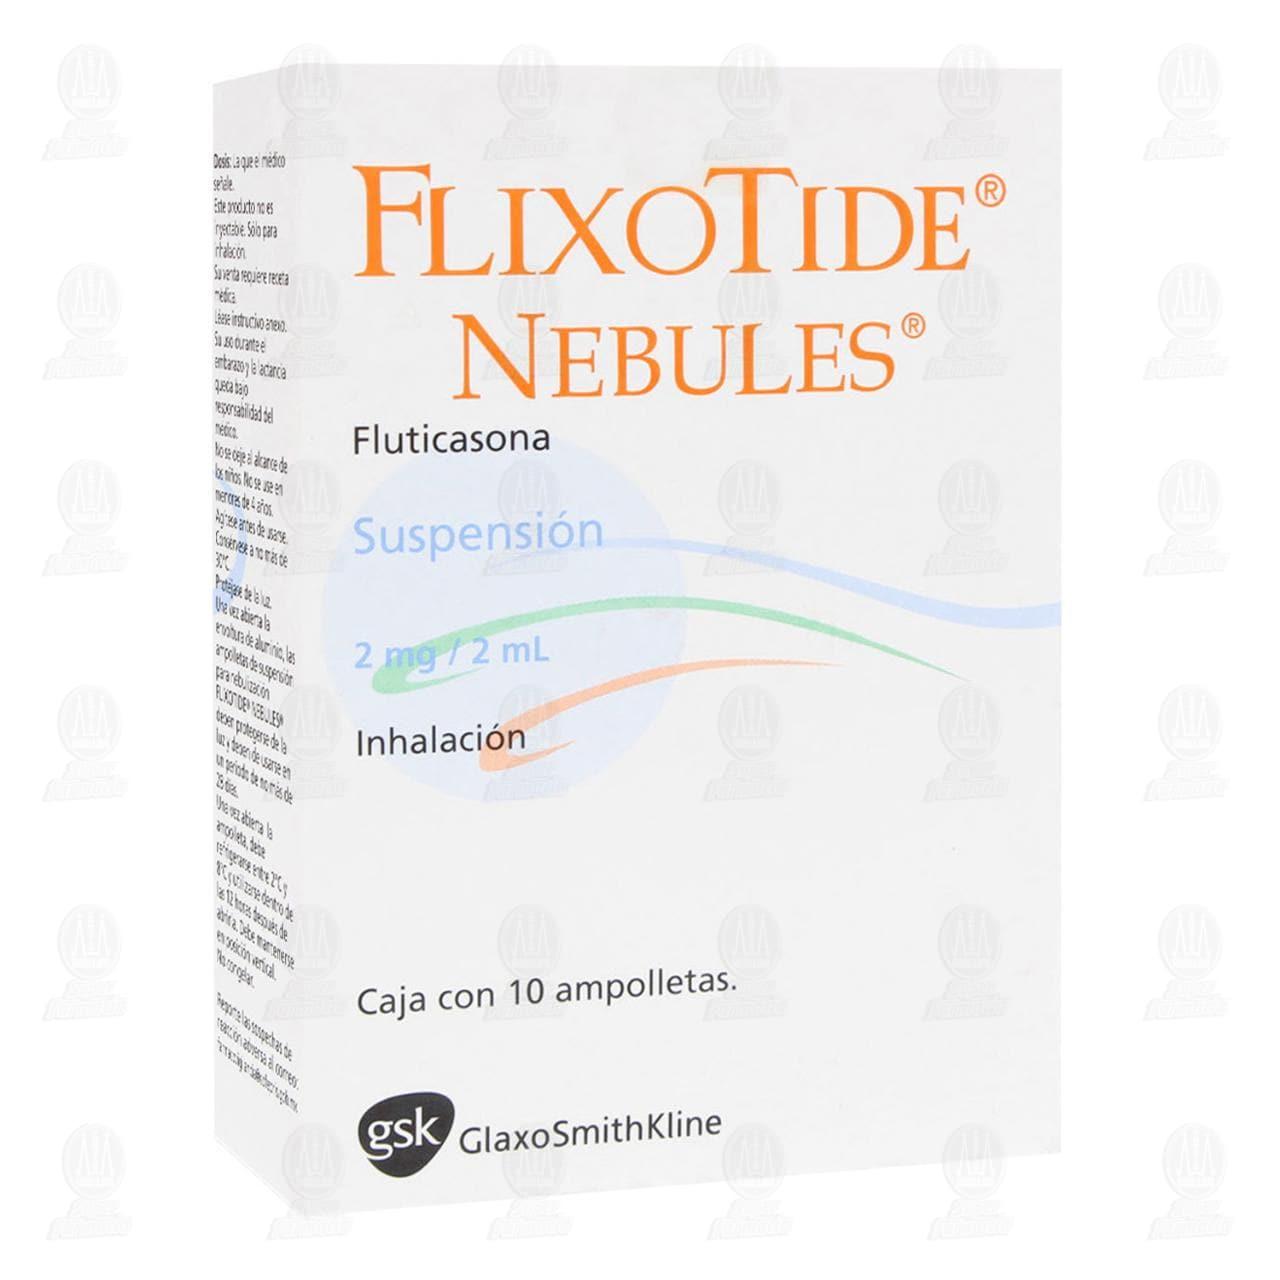 Comprar Flixotide Nebules 2mg/2ml 10 Ampolletas en Farmacias Guadalajara